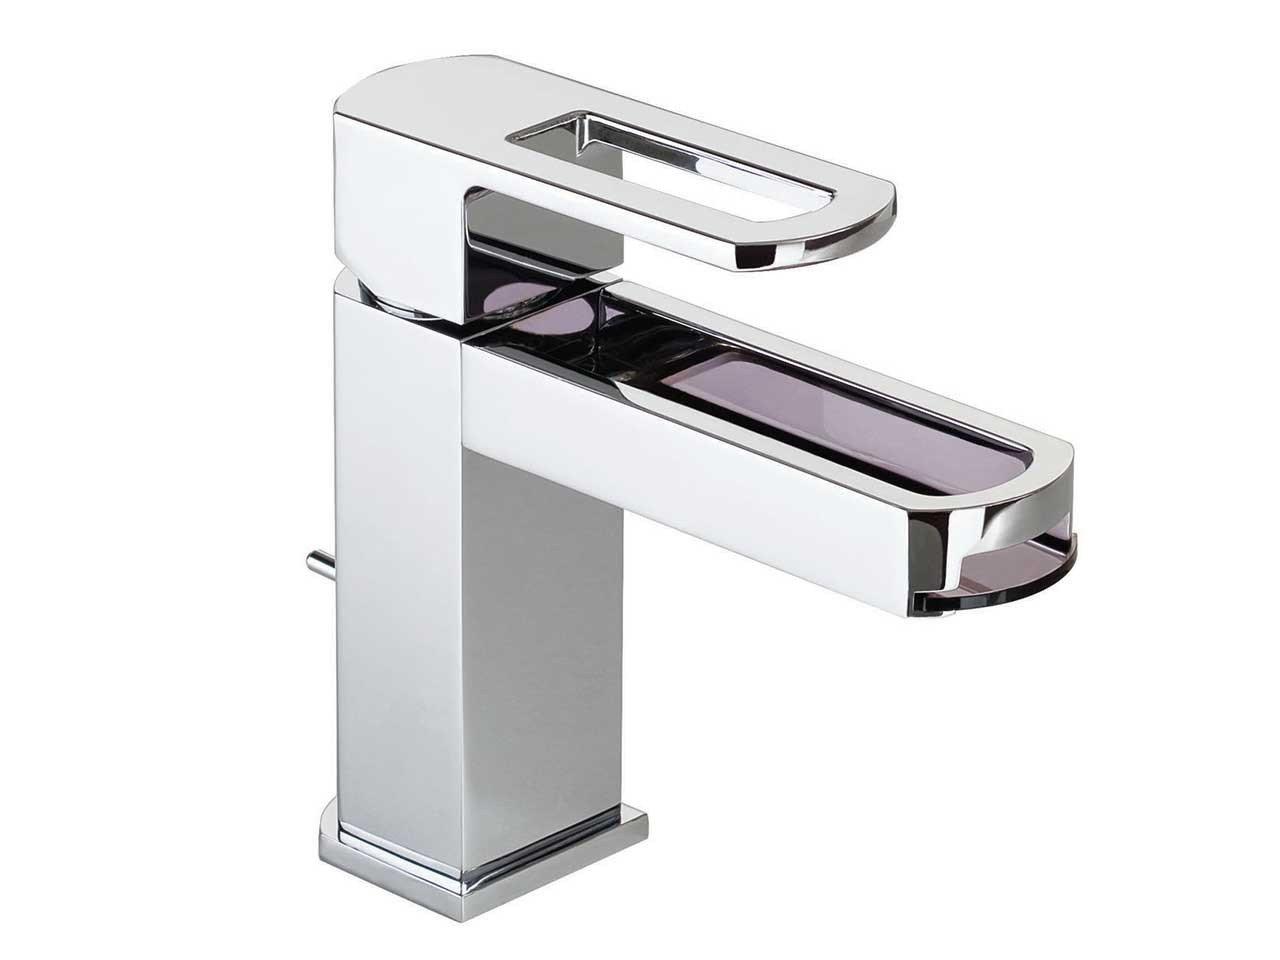 Infinity cascade monoc lavabo c scarico iperceramica - Gorgoglio scarico bagno ...